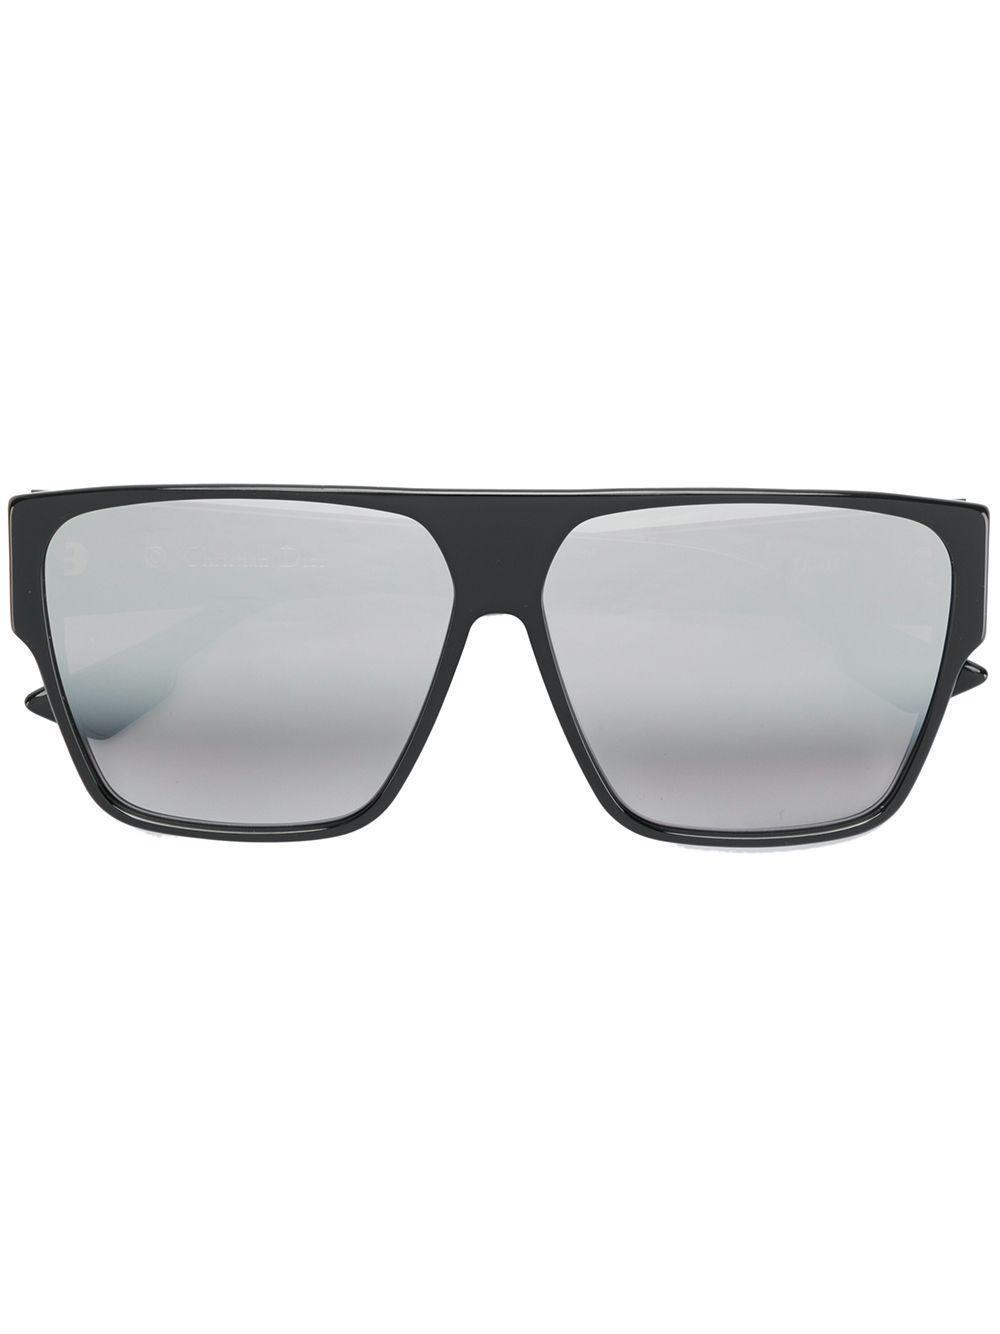 4942f57db76 Dior Women s Hit Mirrored Square Sunglasses